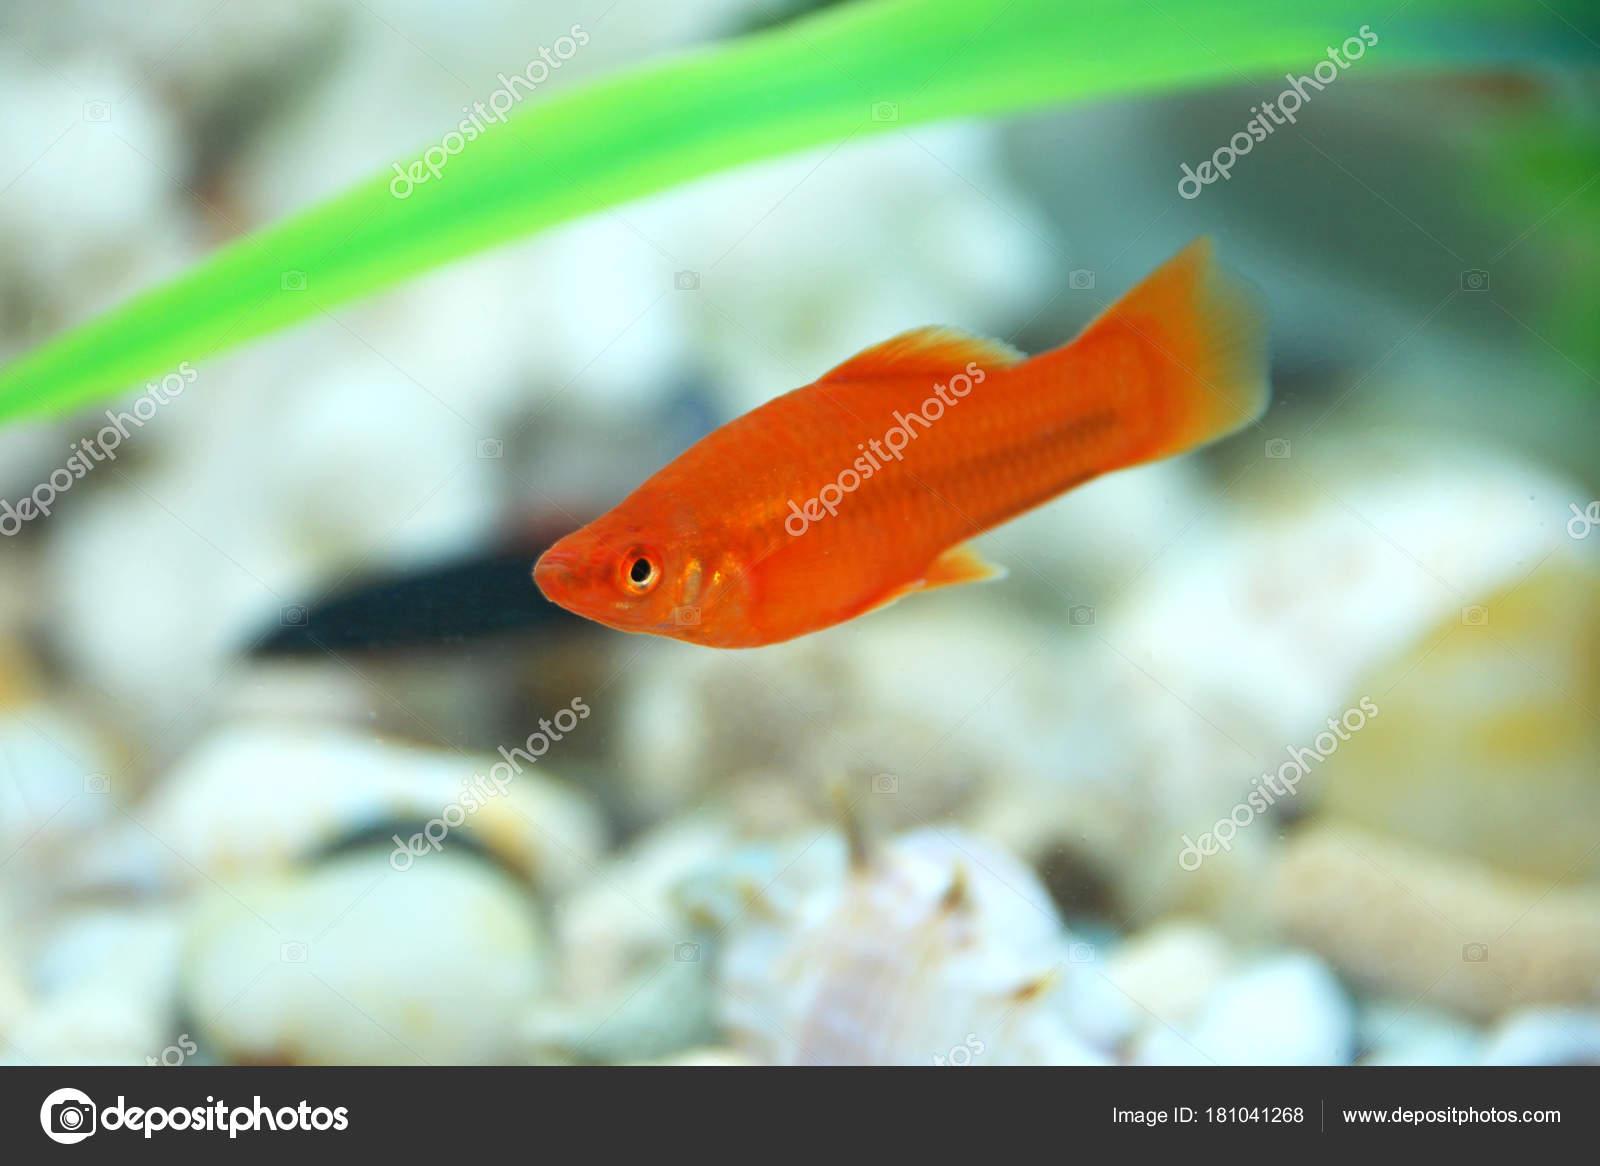 Peces rojos en el acuario. Par red de Xipho Xiphophorus Helleri hombres  mujeres acuario peces